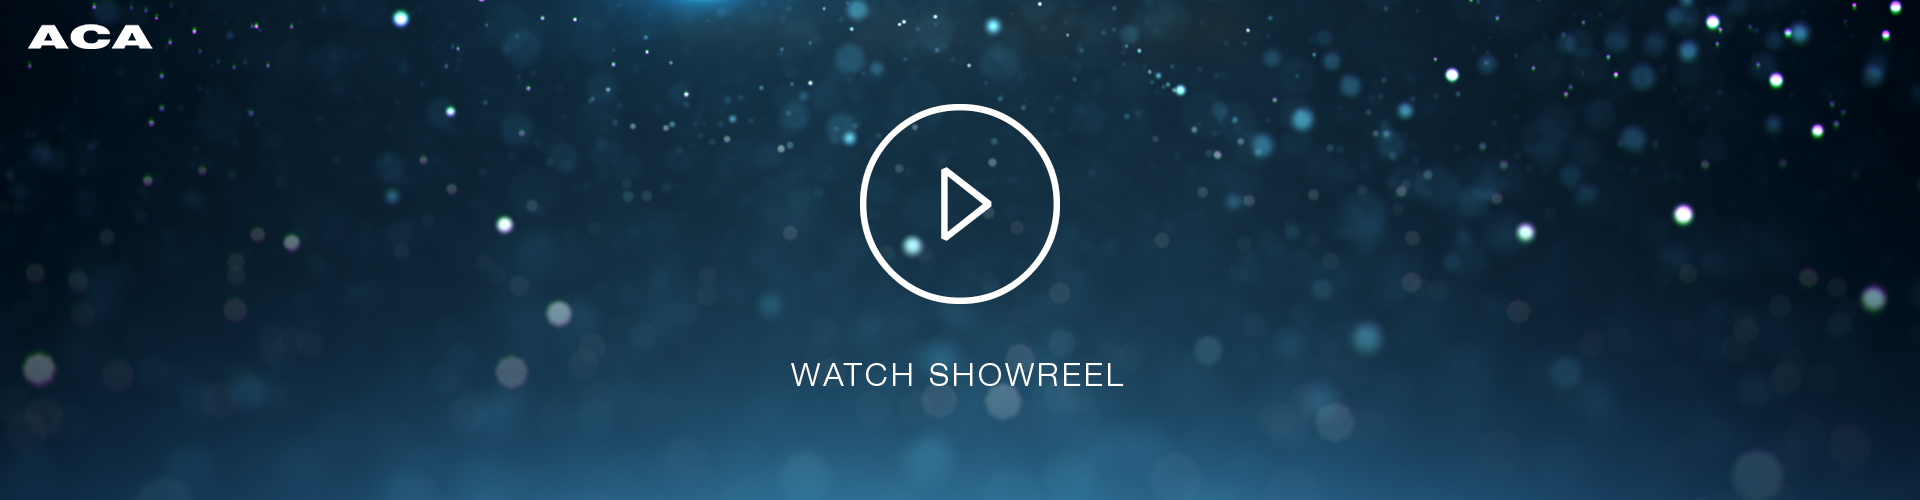 ACA showreel-banner